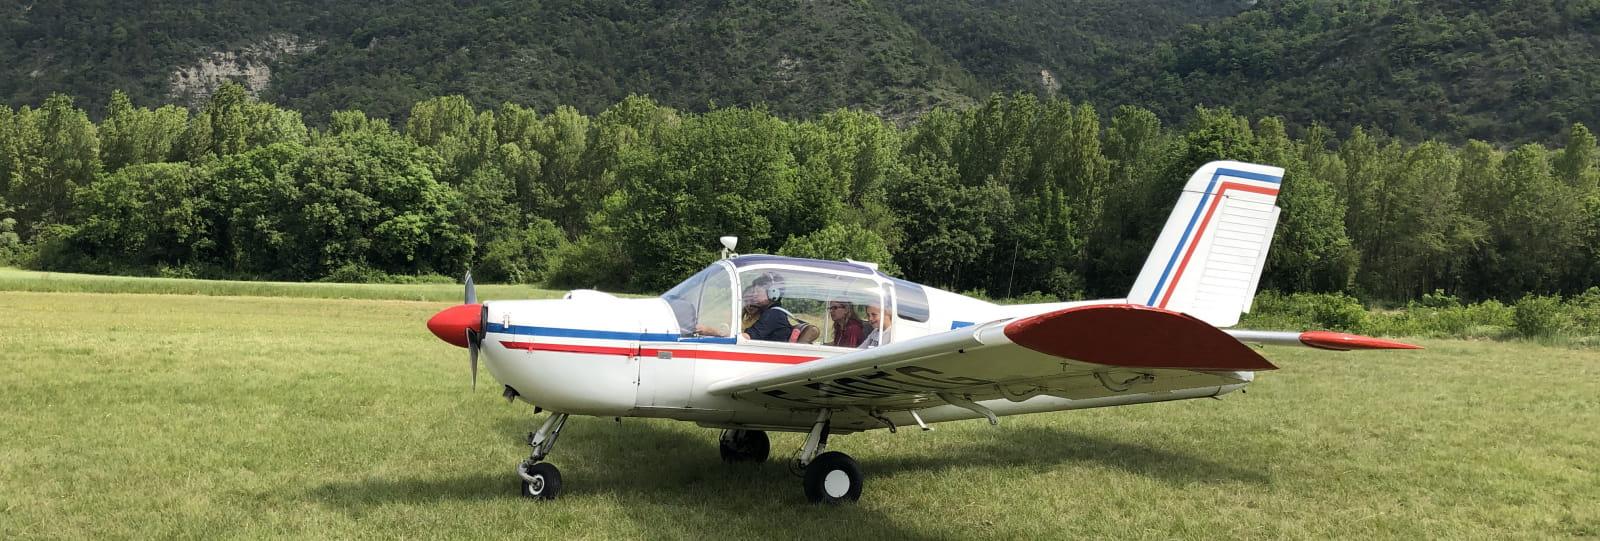 Vol en avion avec l'association aéronautique de Rochecourbe